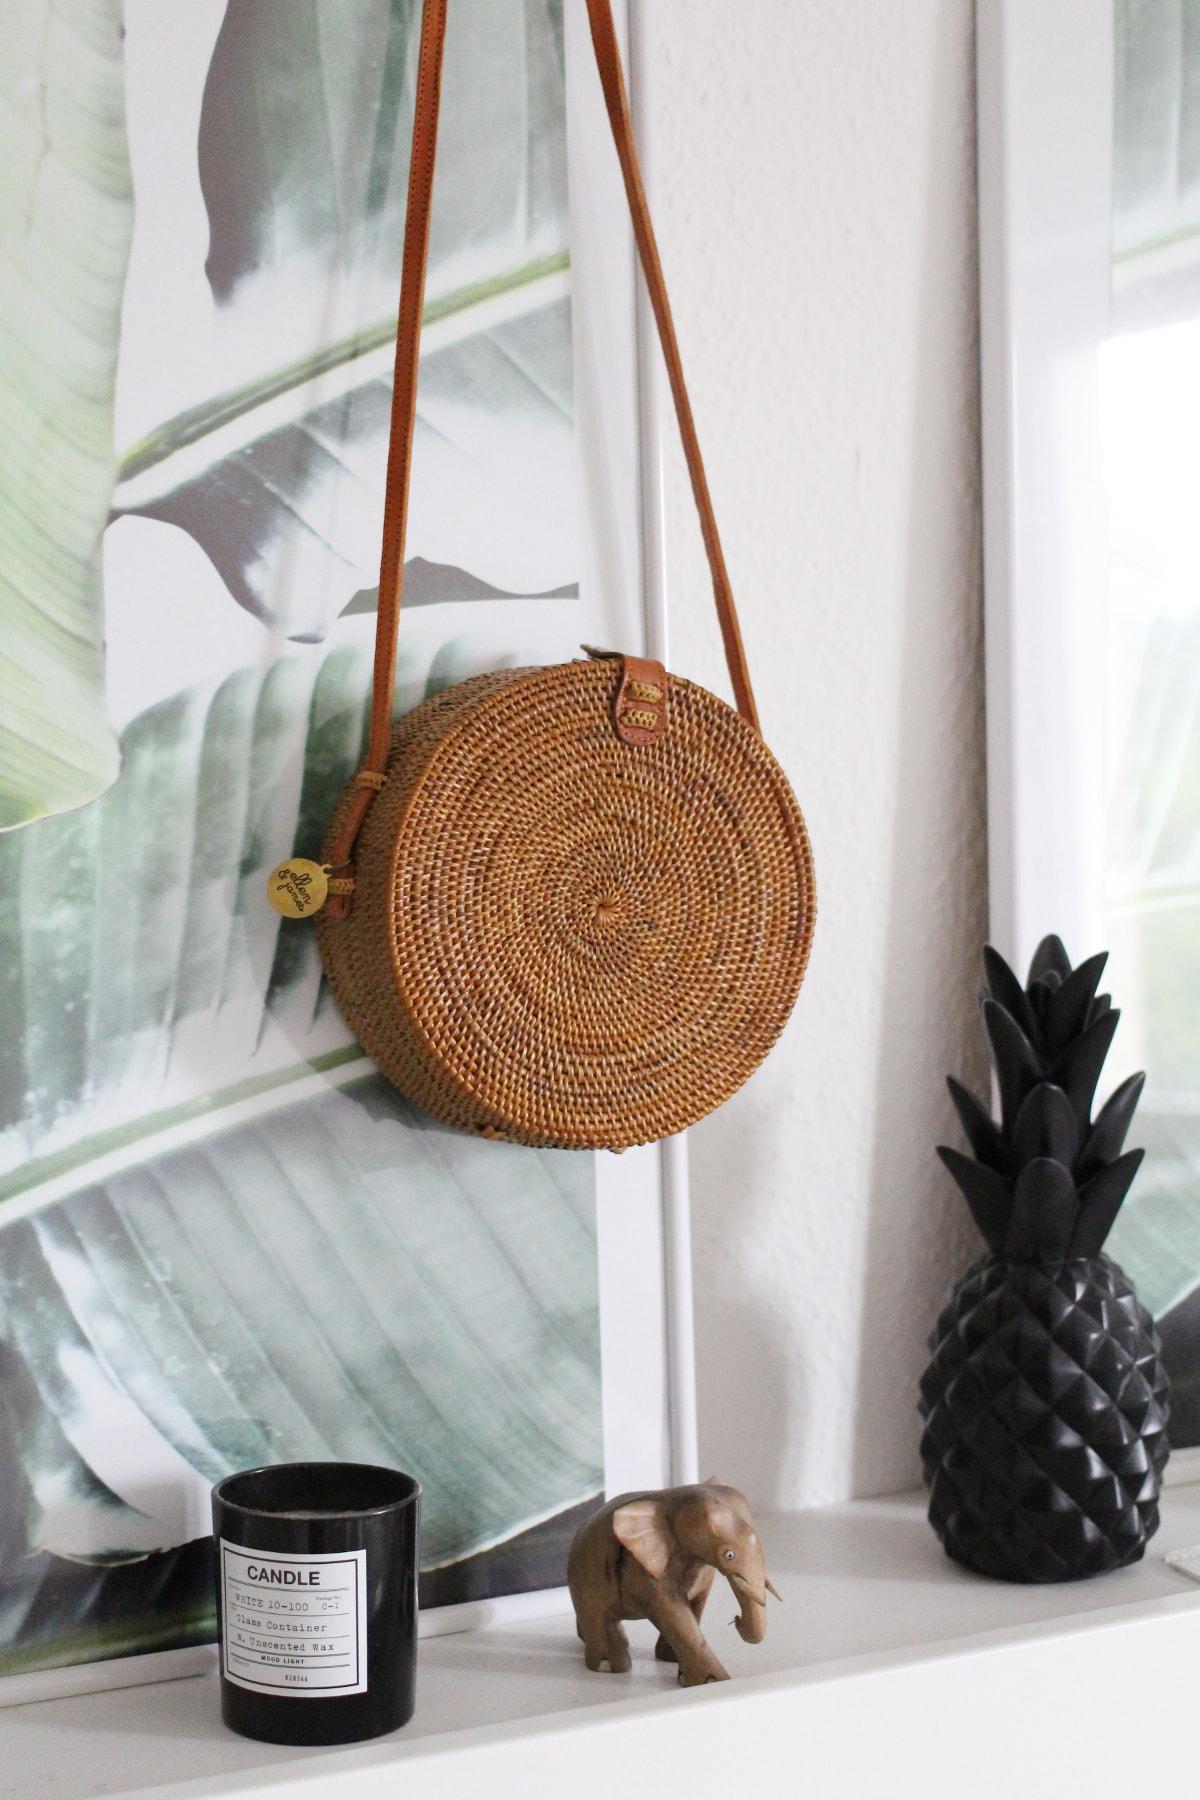 TREND: Basket Bags